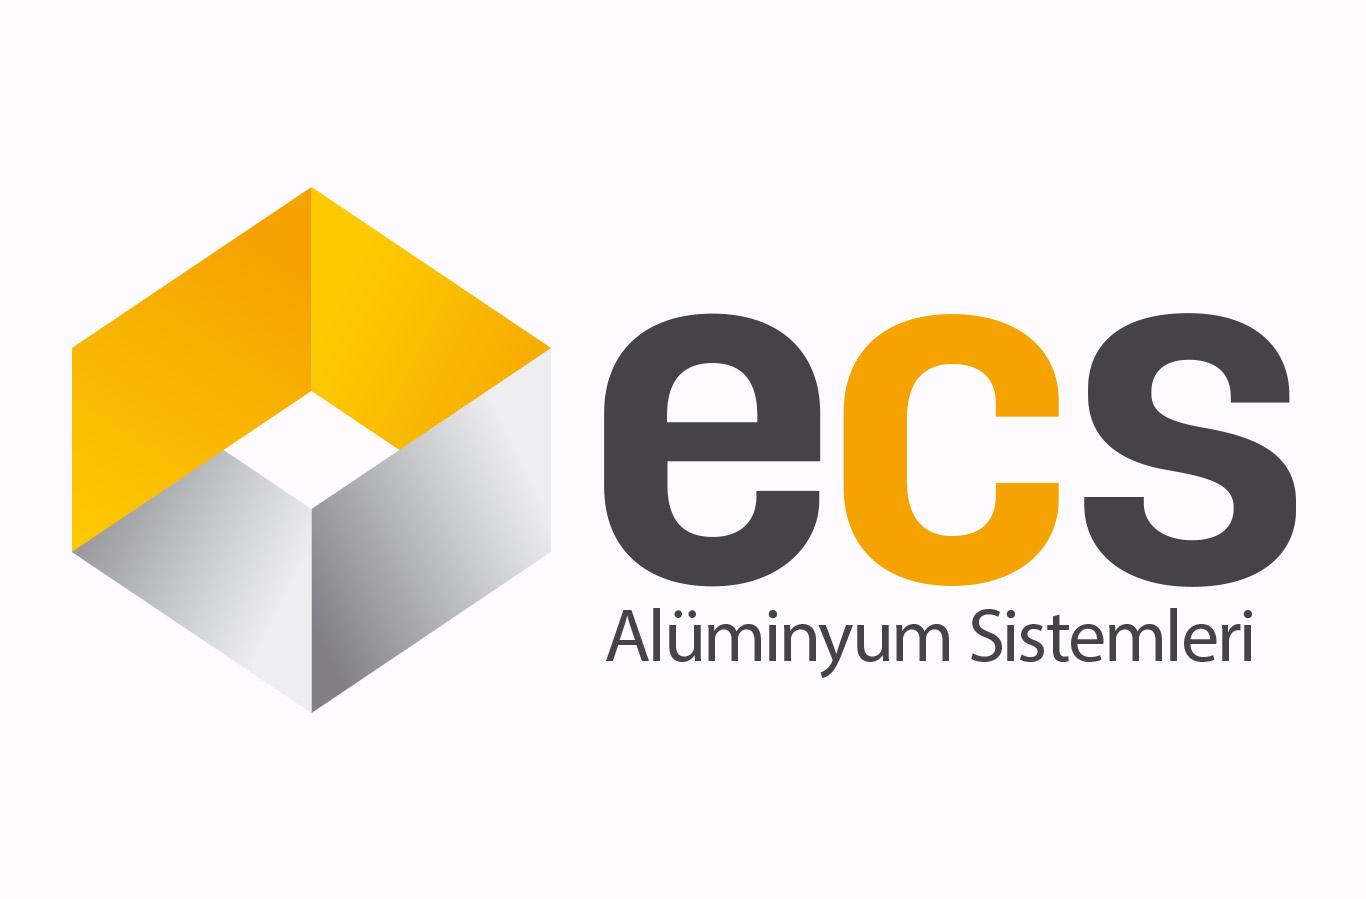 Ecs Logo Çalışması